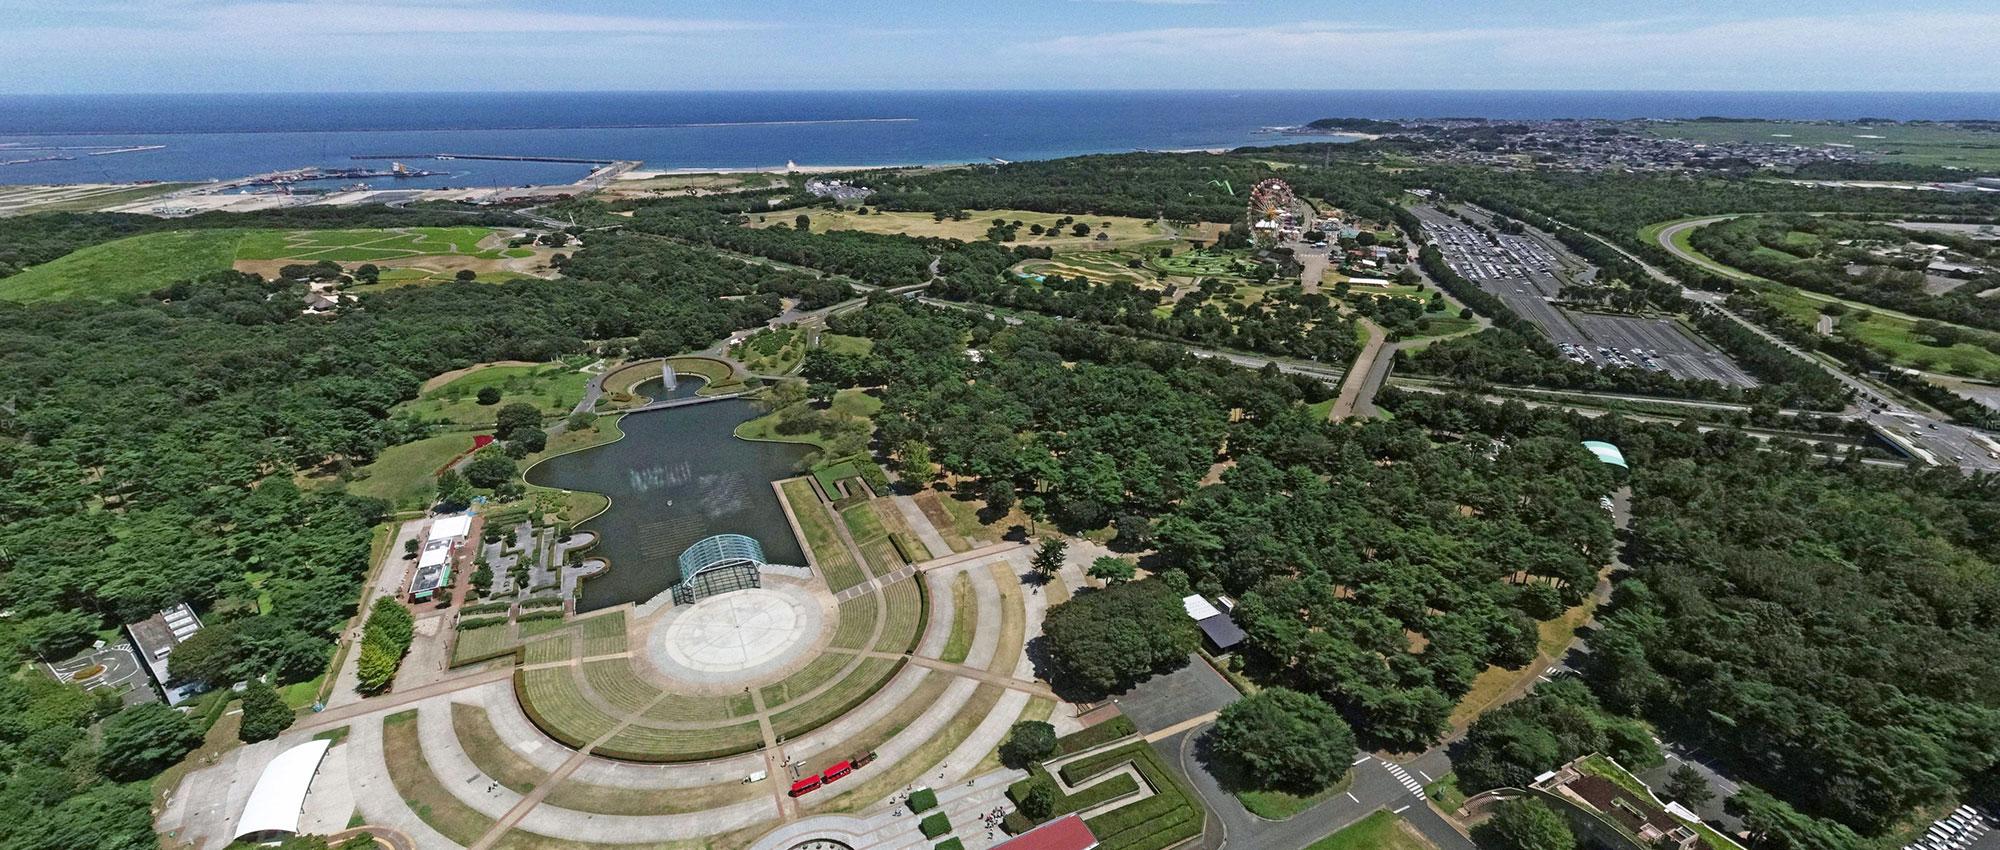 国営ひたち海浜公園・阿字ヶ浦海岸の空撮写真